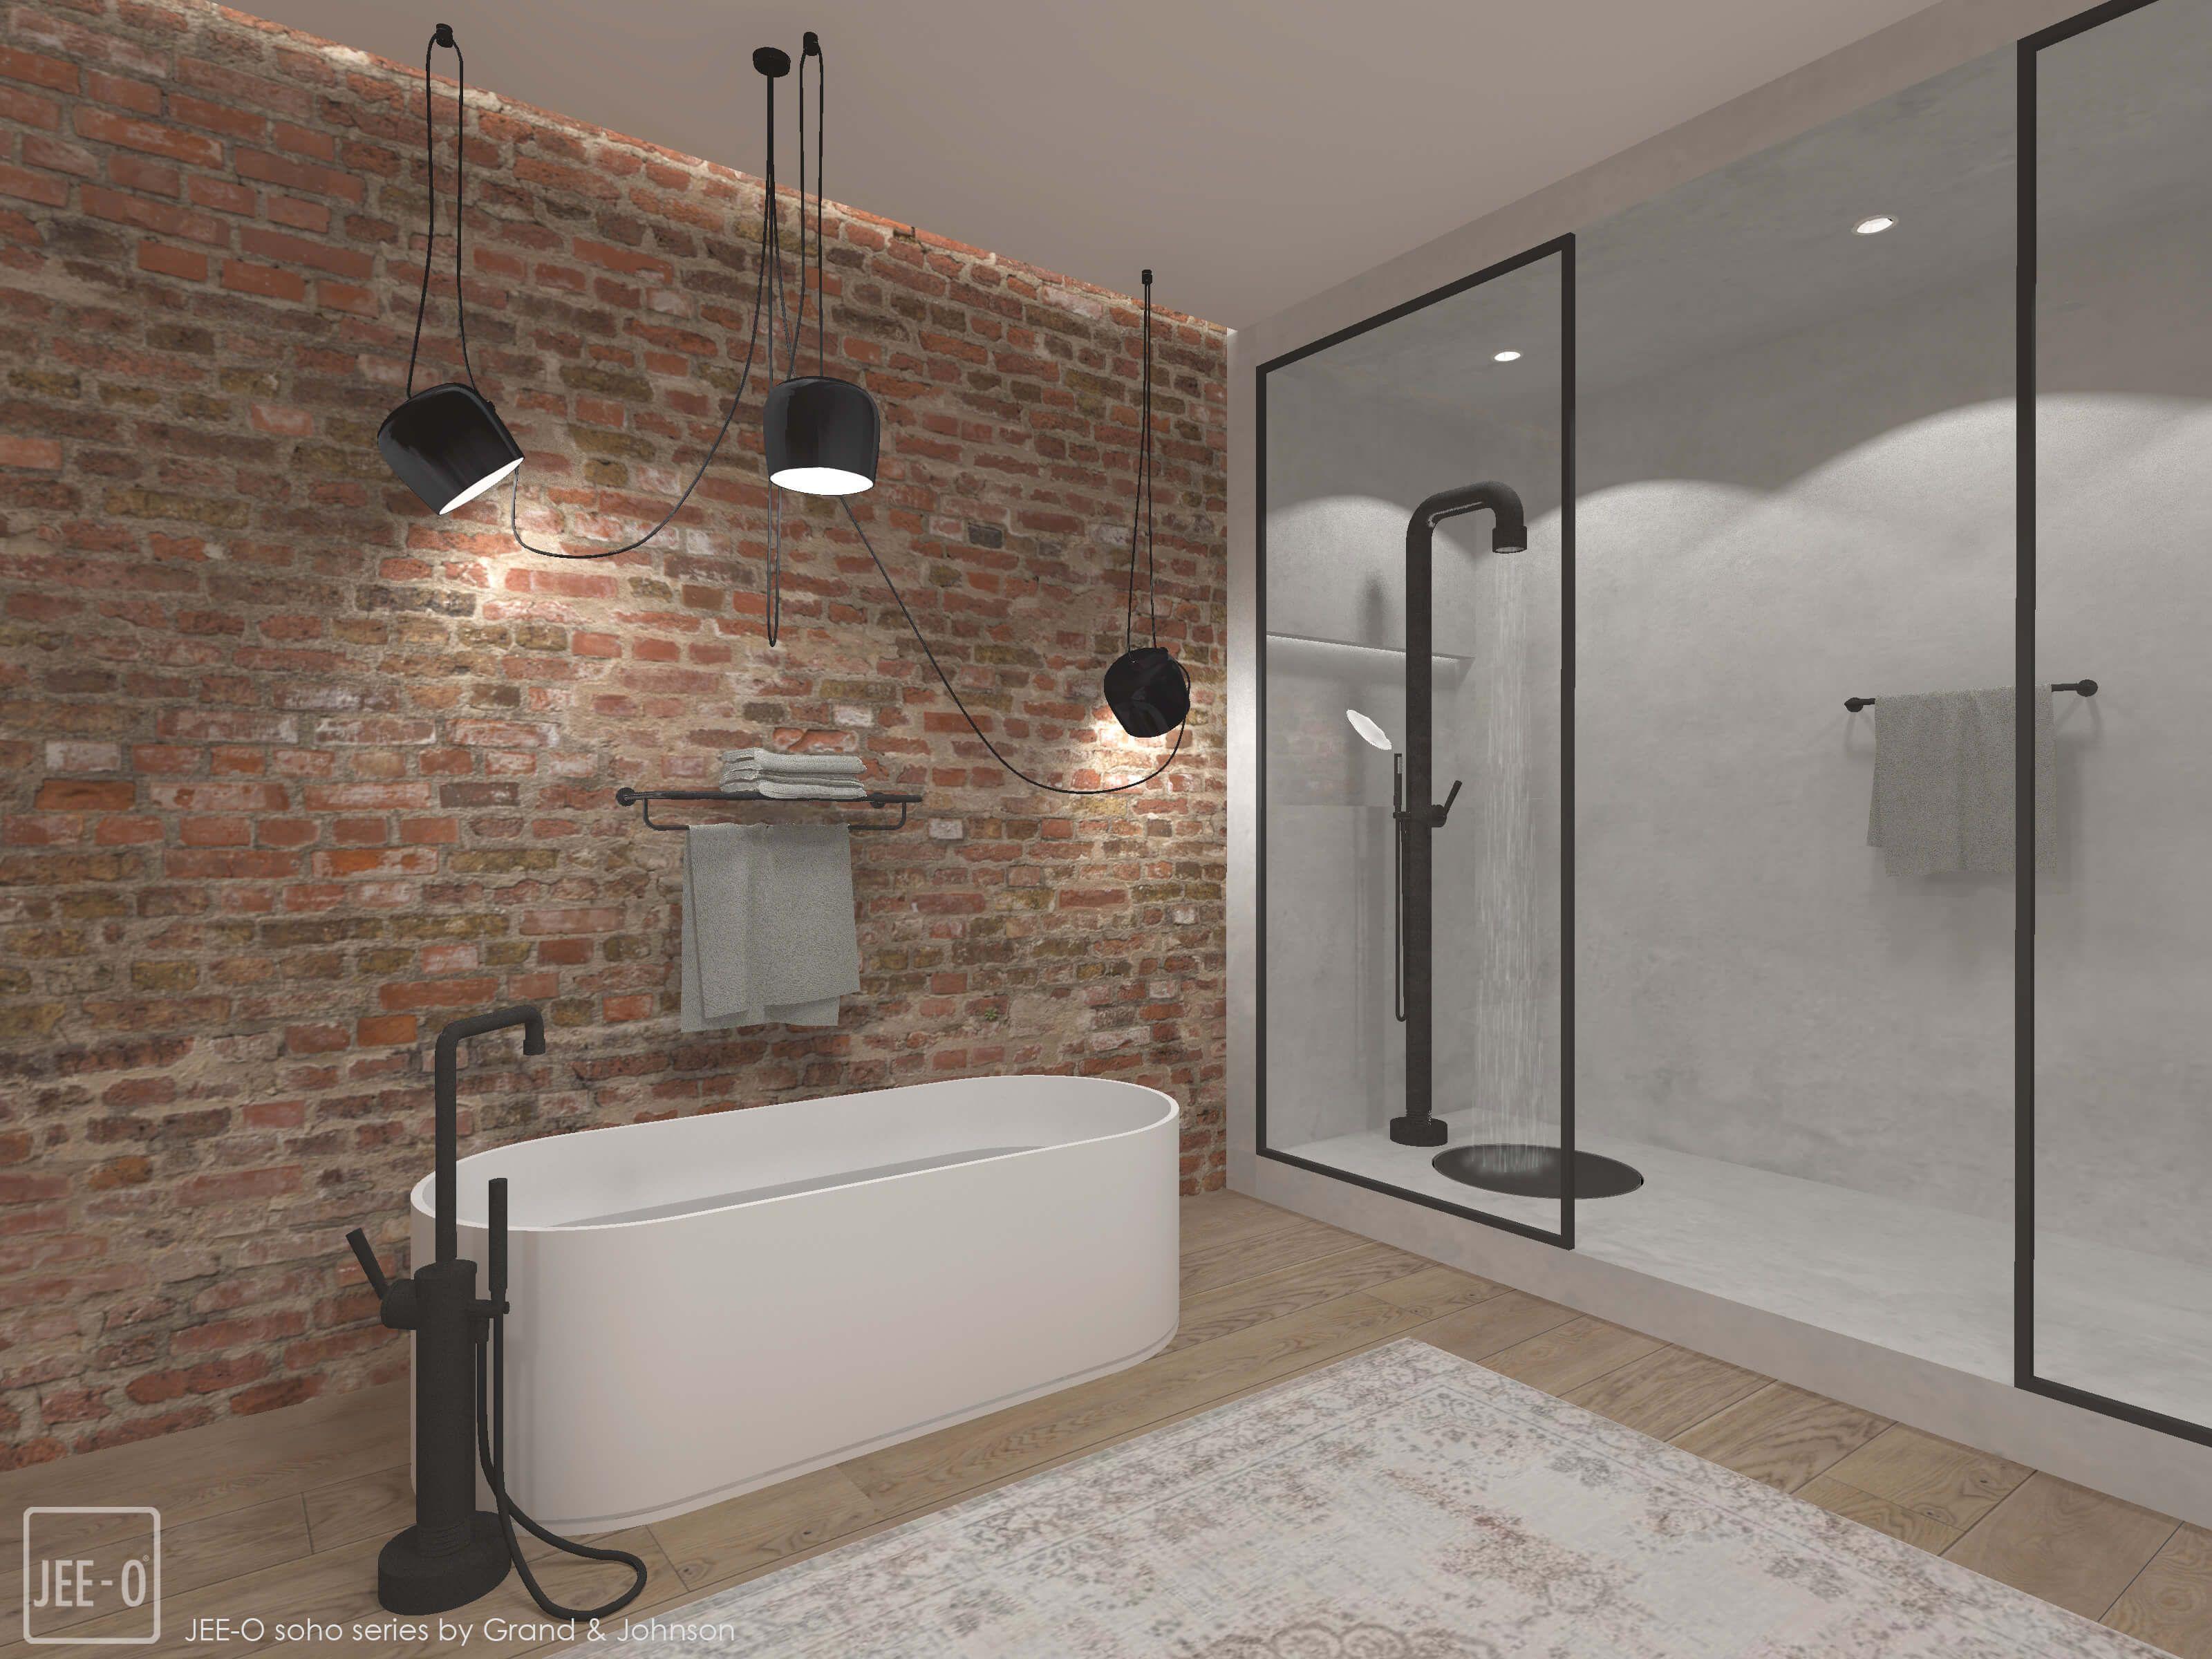 Een stoere badkamer met JEE-O   Pinterest - Wastafels, Baden en Kranen